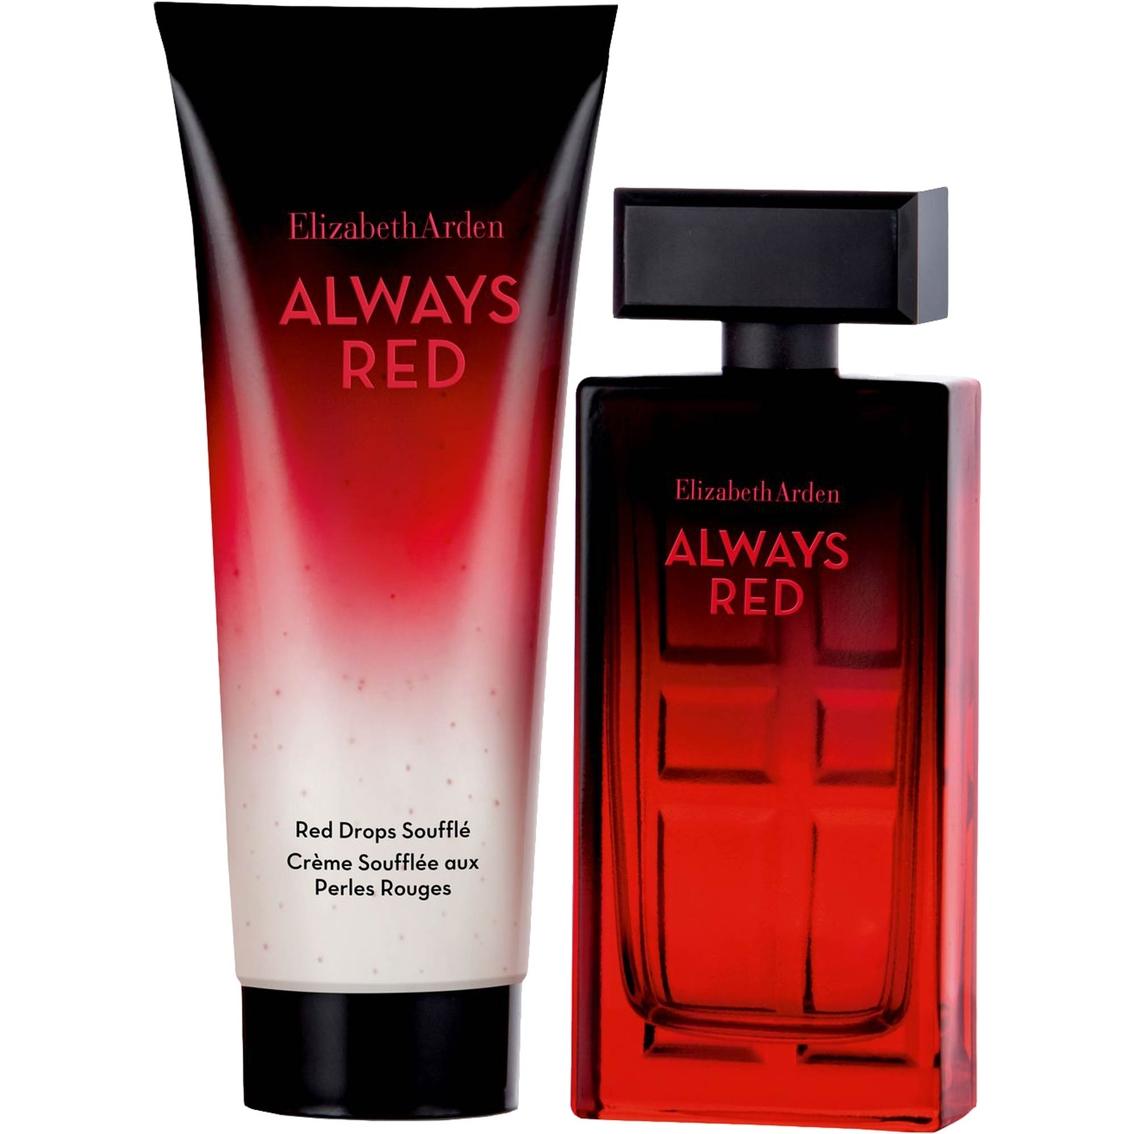 Elizabeth Arden Red Door Always Red Gift Set Fragrance Beauty